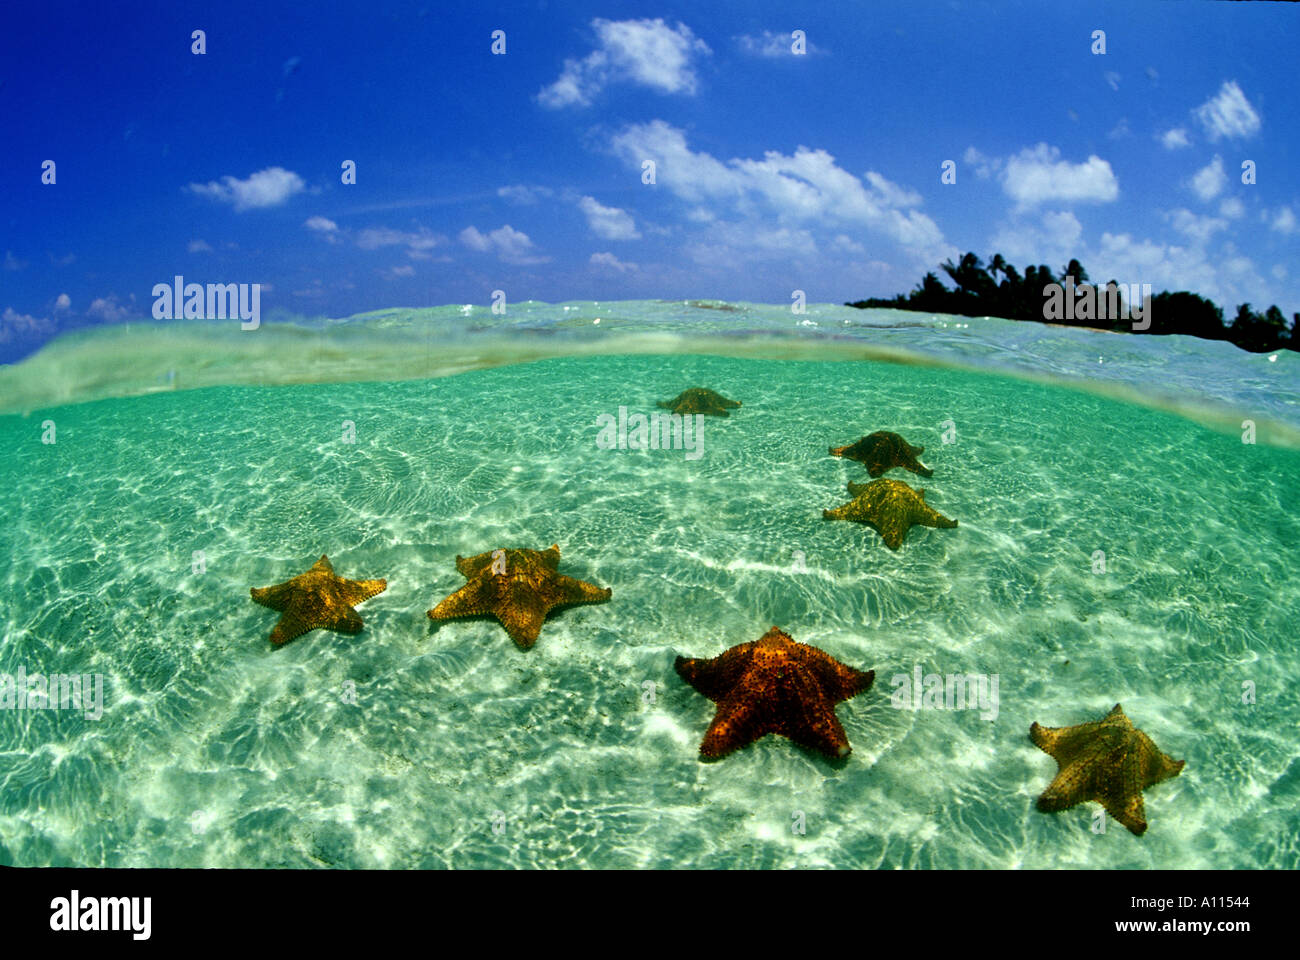 Un pelotón de amortiguar las estrellas de mar aparecen en una vista dividida que muestra en el fondo una isla frente a la costa de Belice Foto de stock